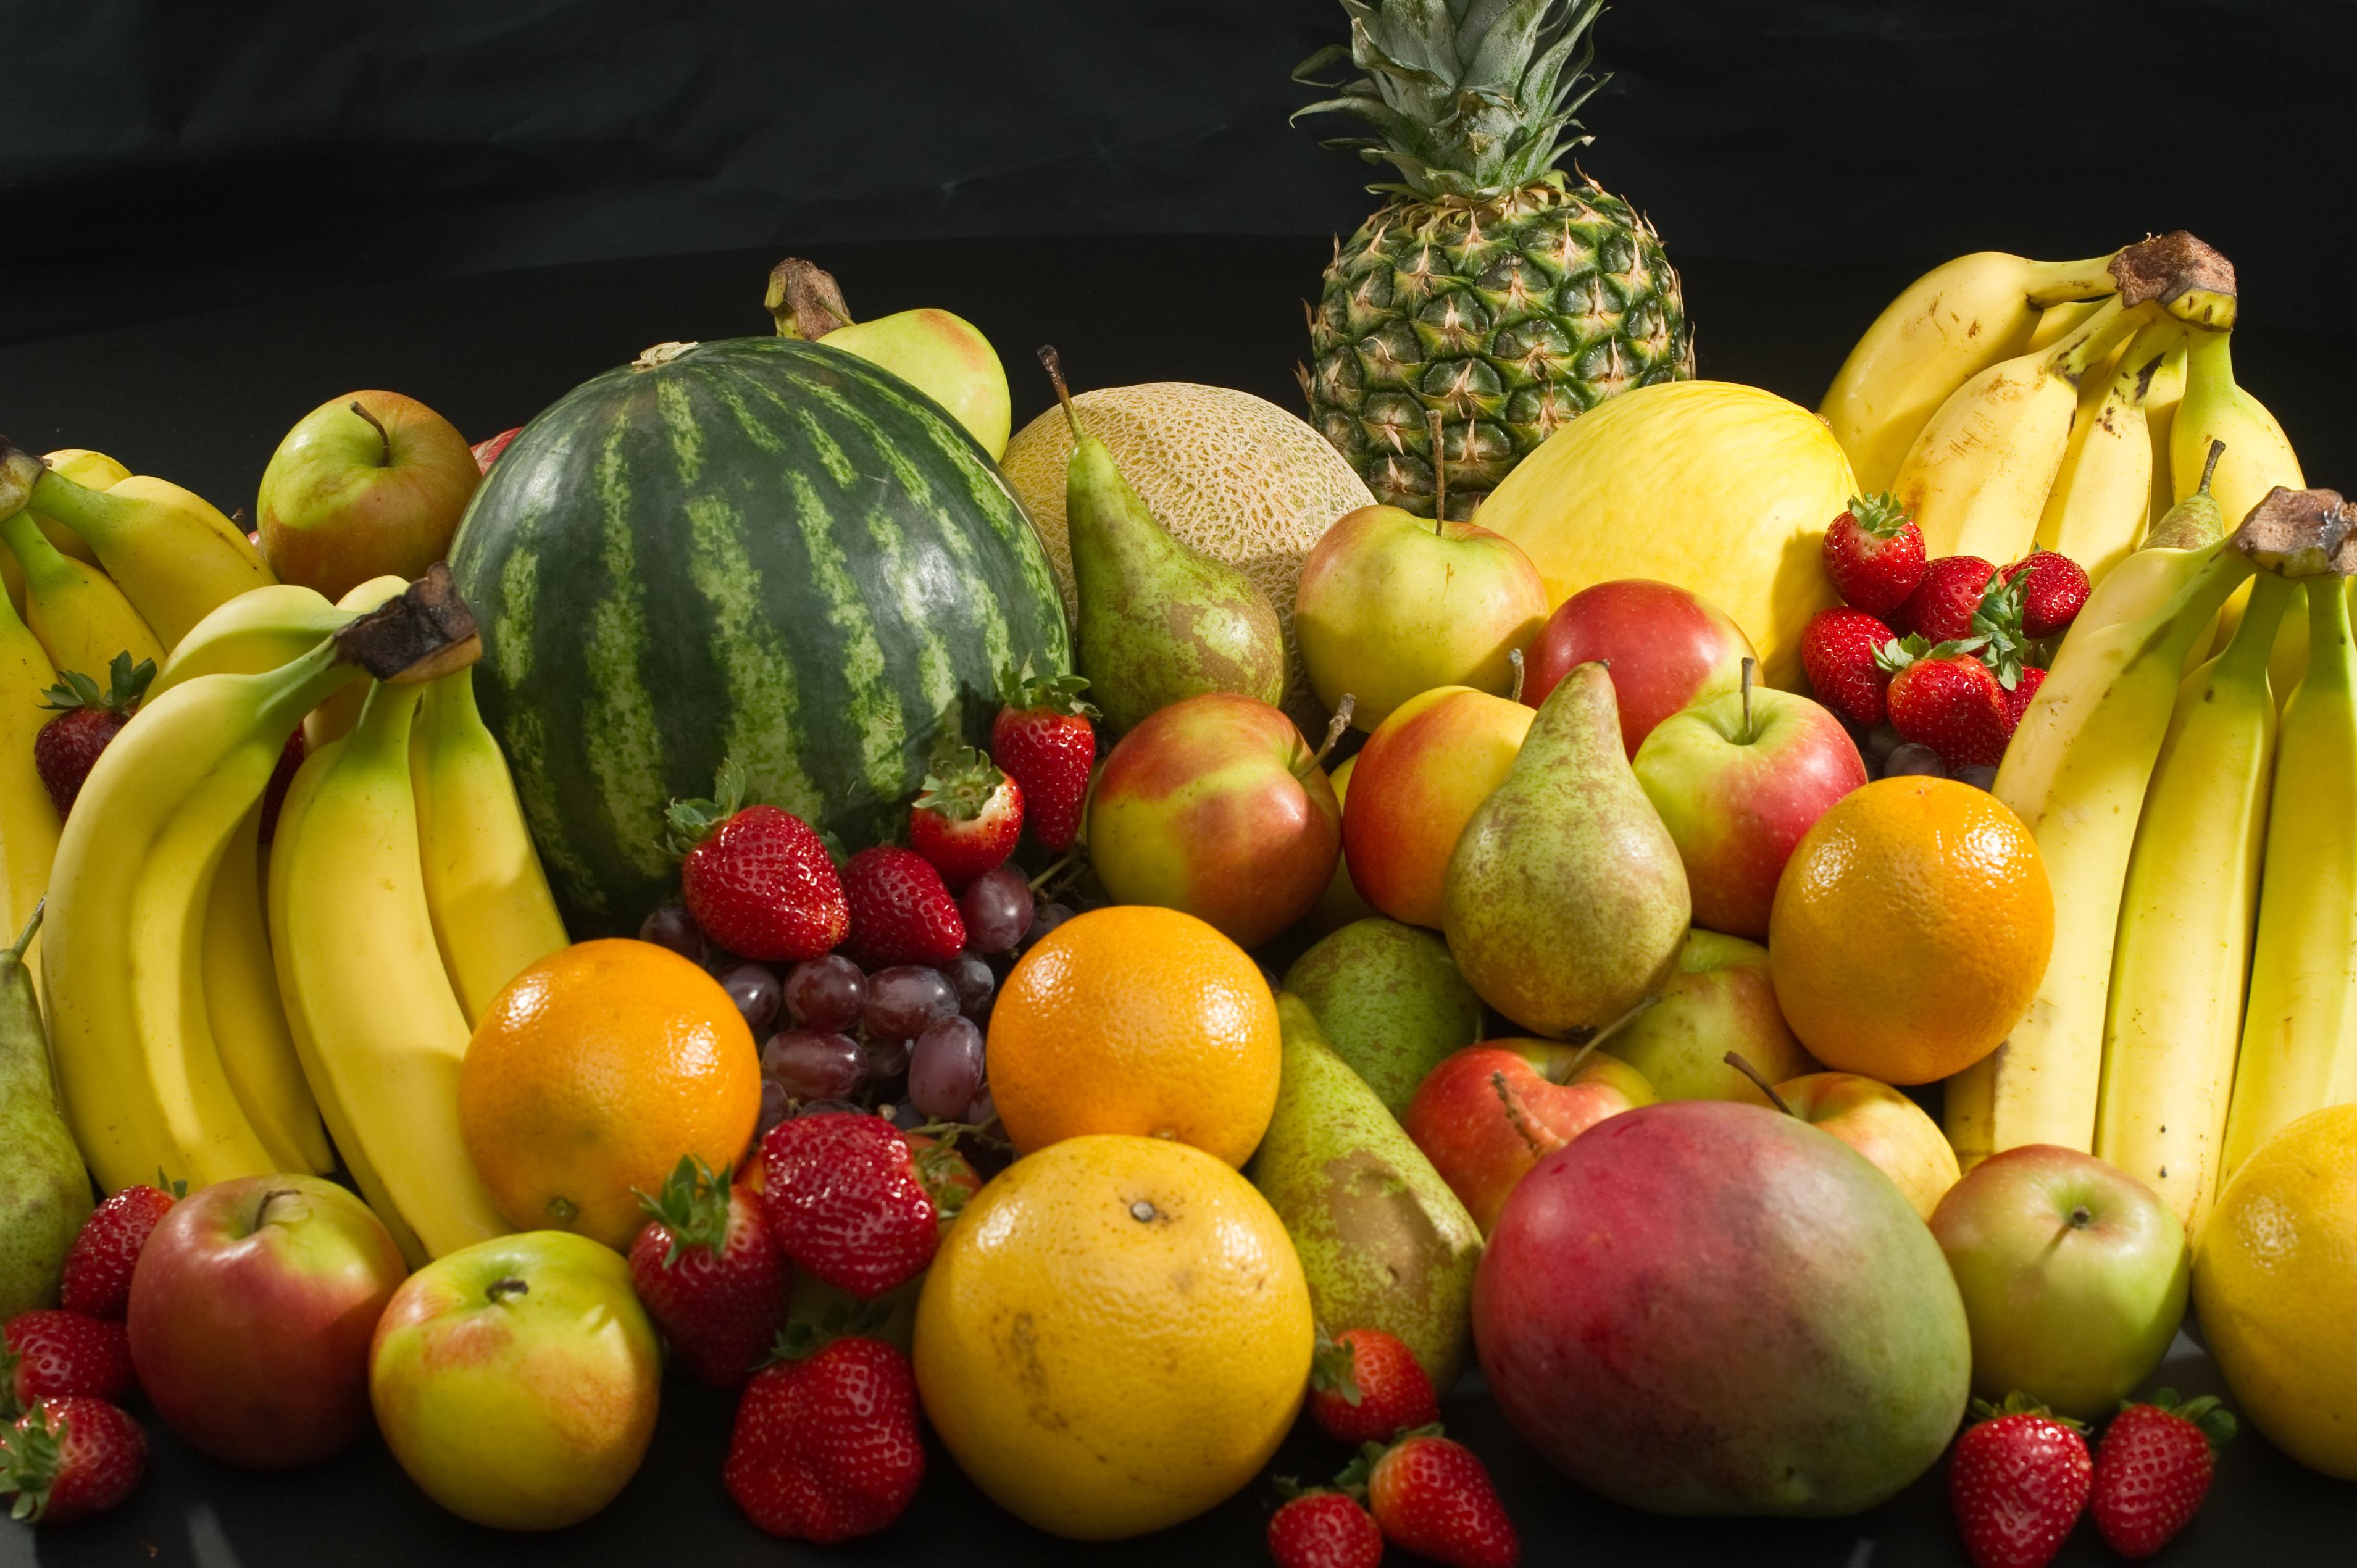 verlies gewicht met fruit